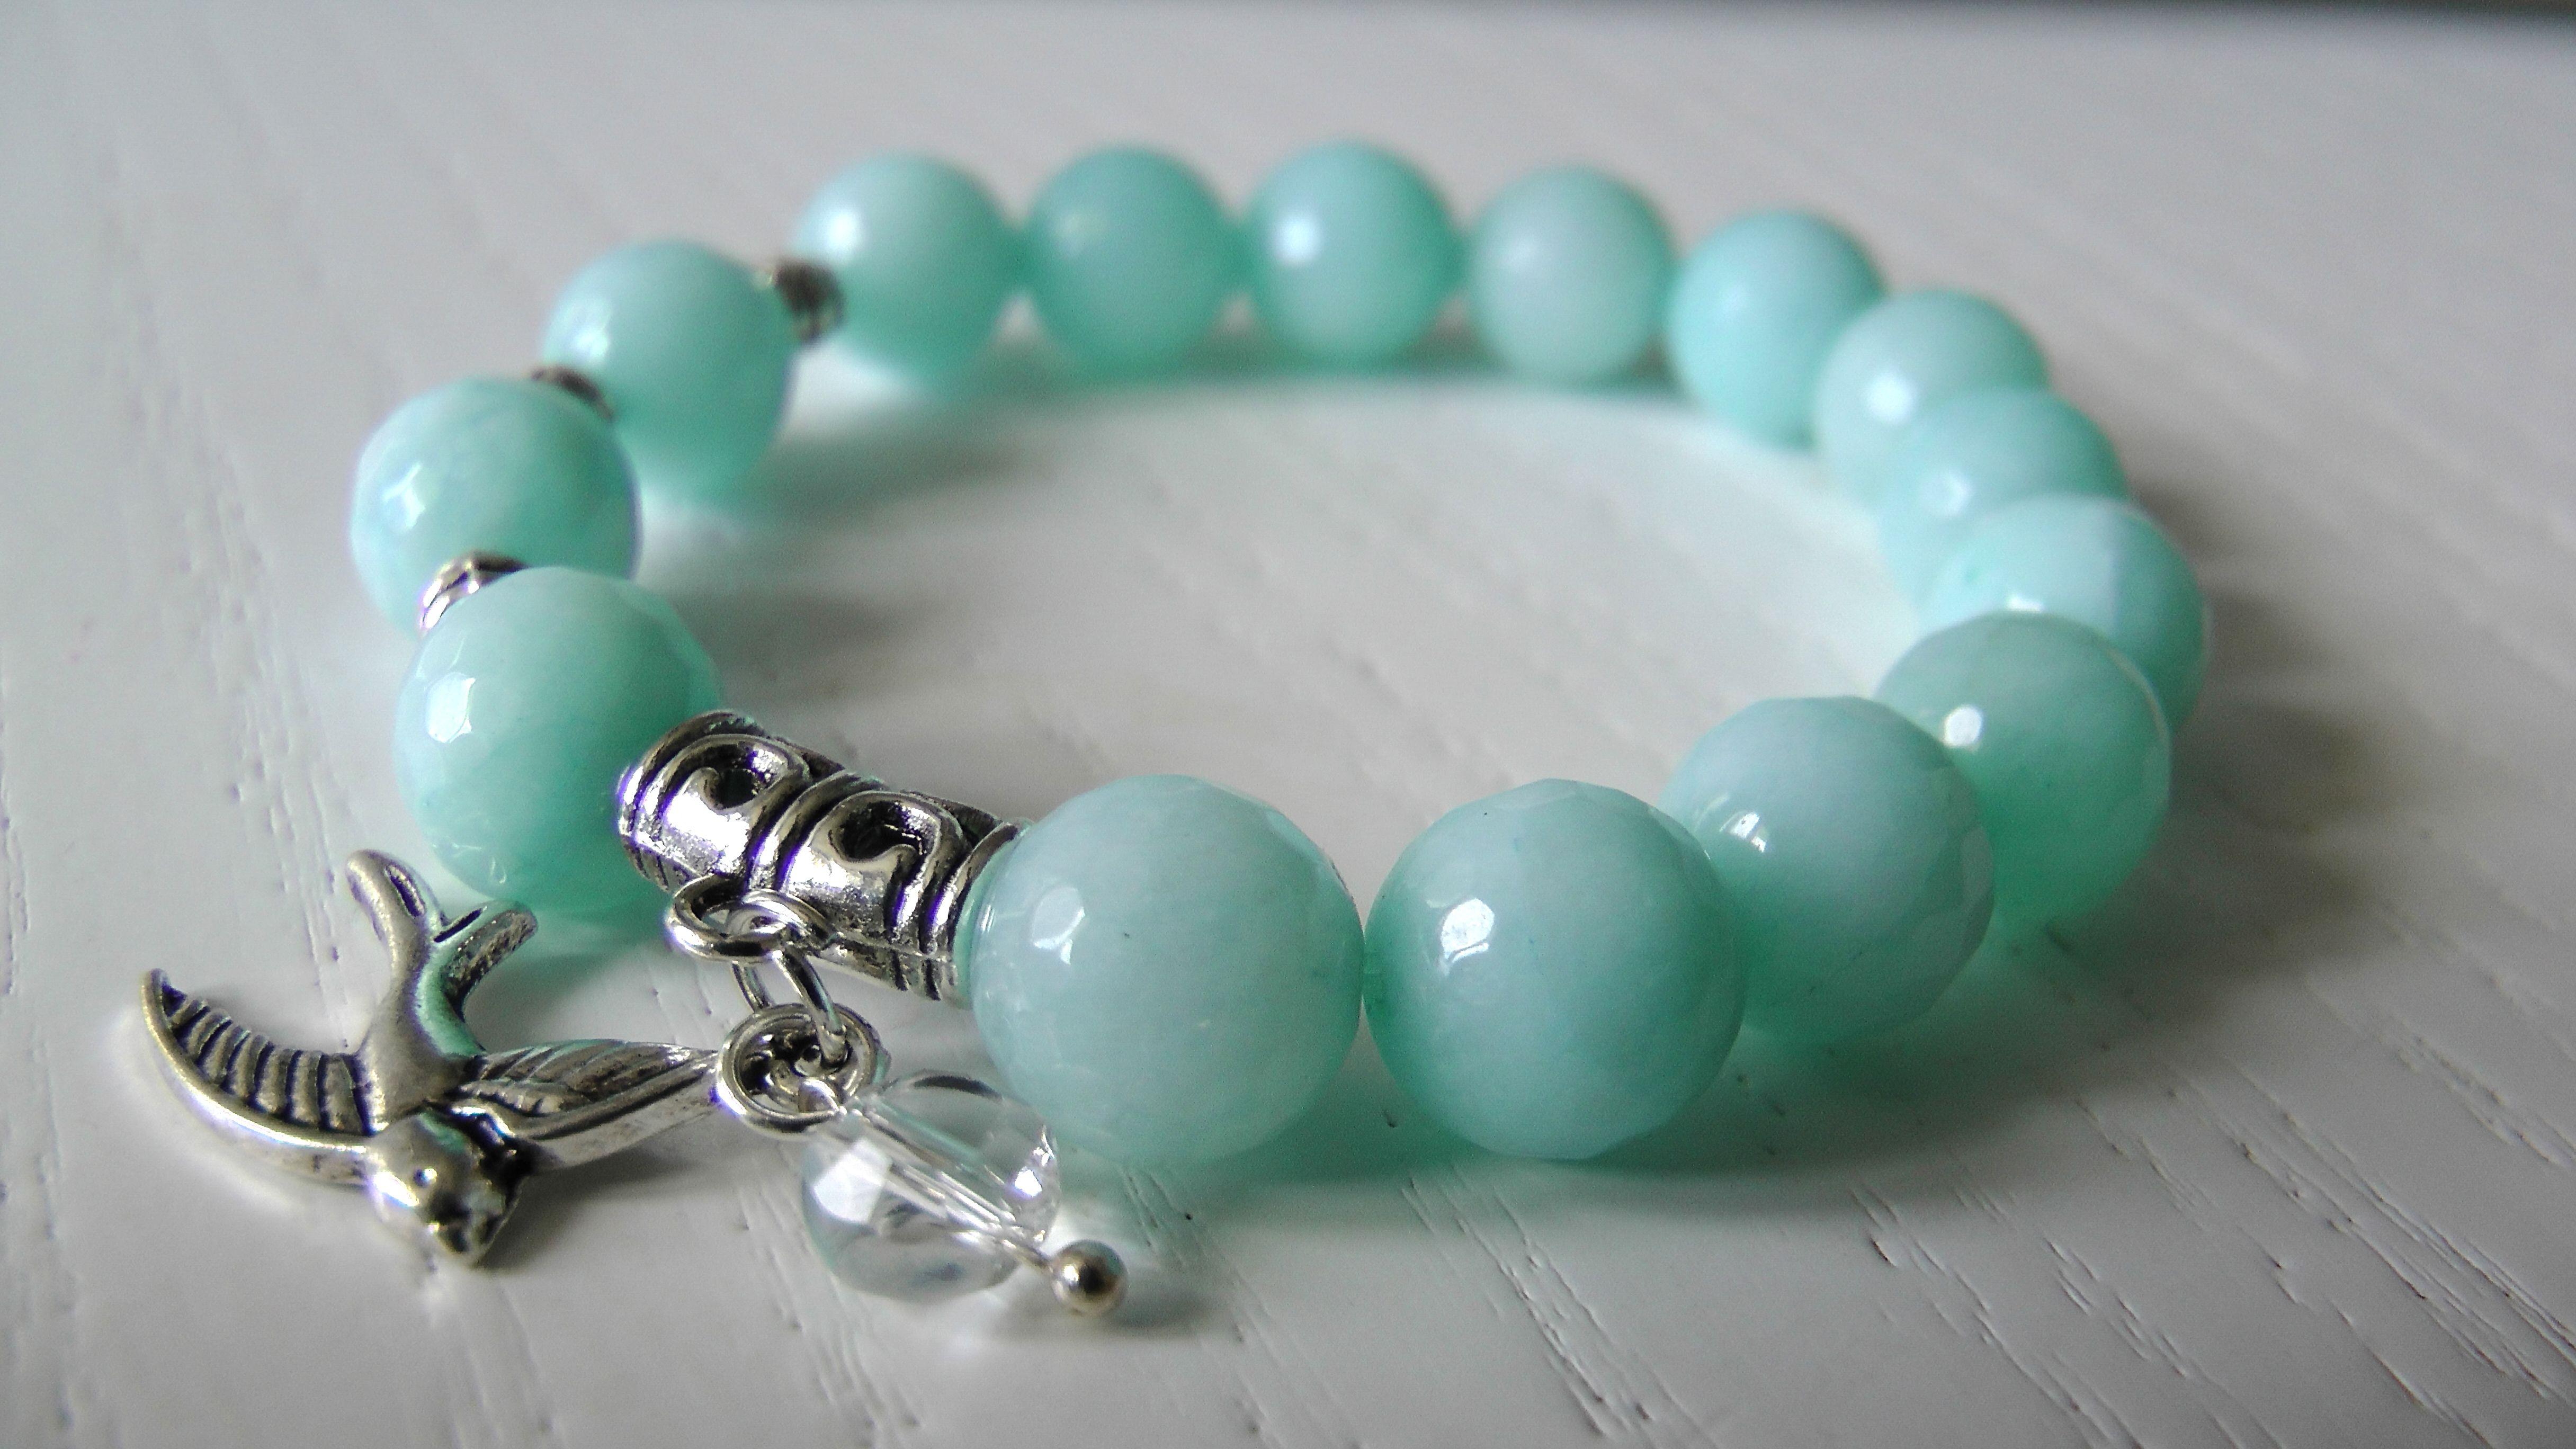 амазонит киеве браслет в купить натуральные камни голубой